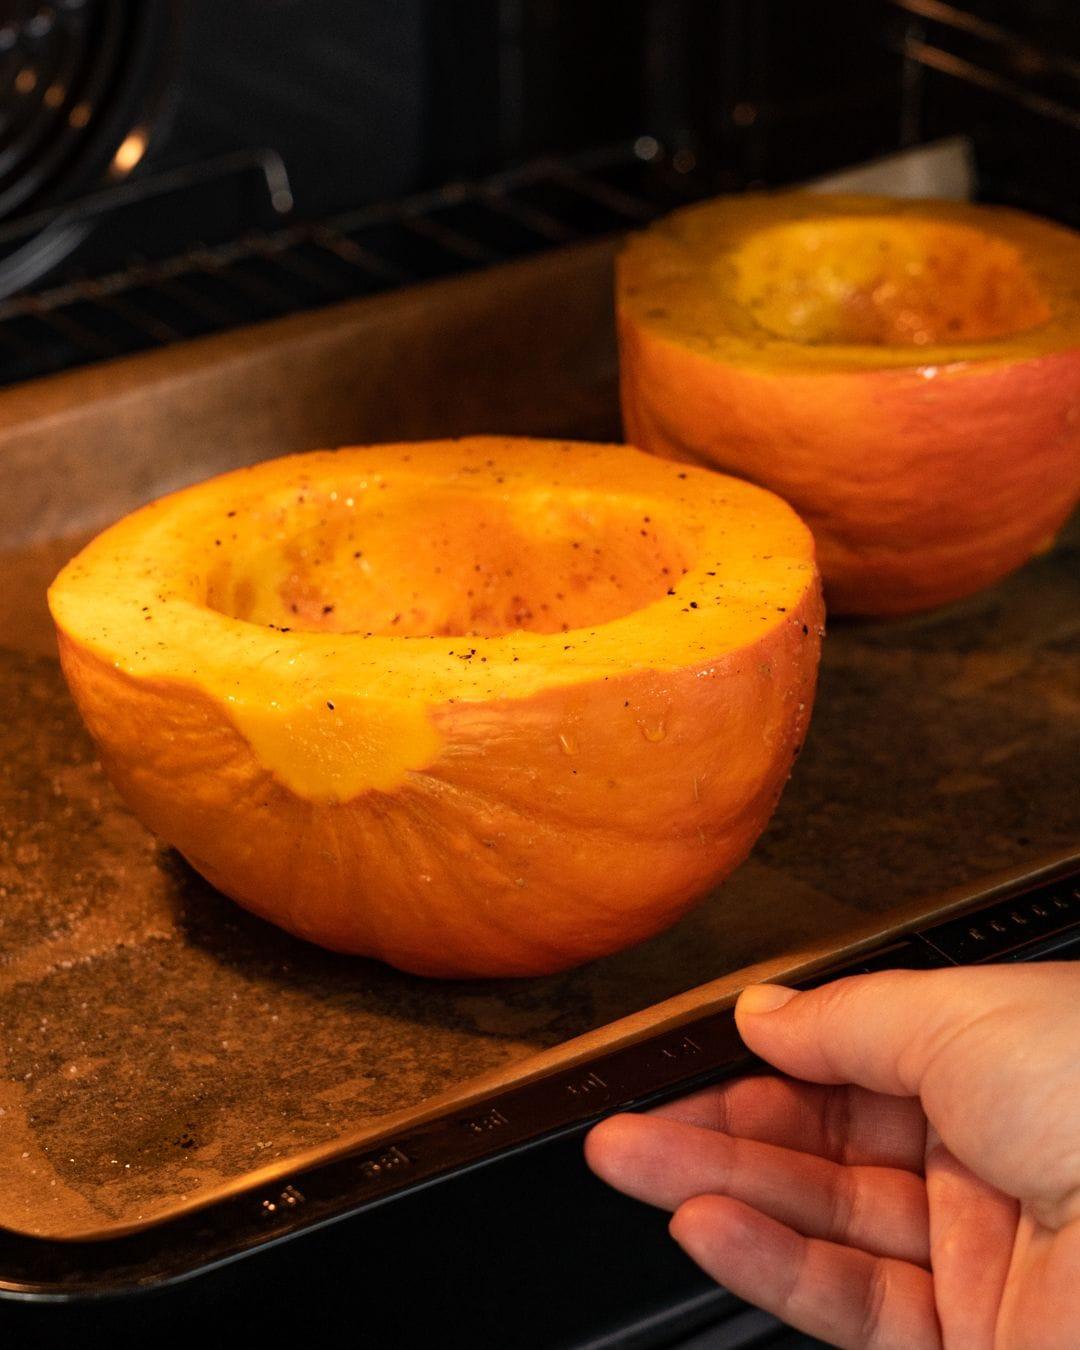 Auf diesem Bild siehst du wie der Kürbis in den Ofen gegeben wird.